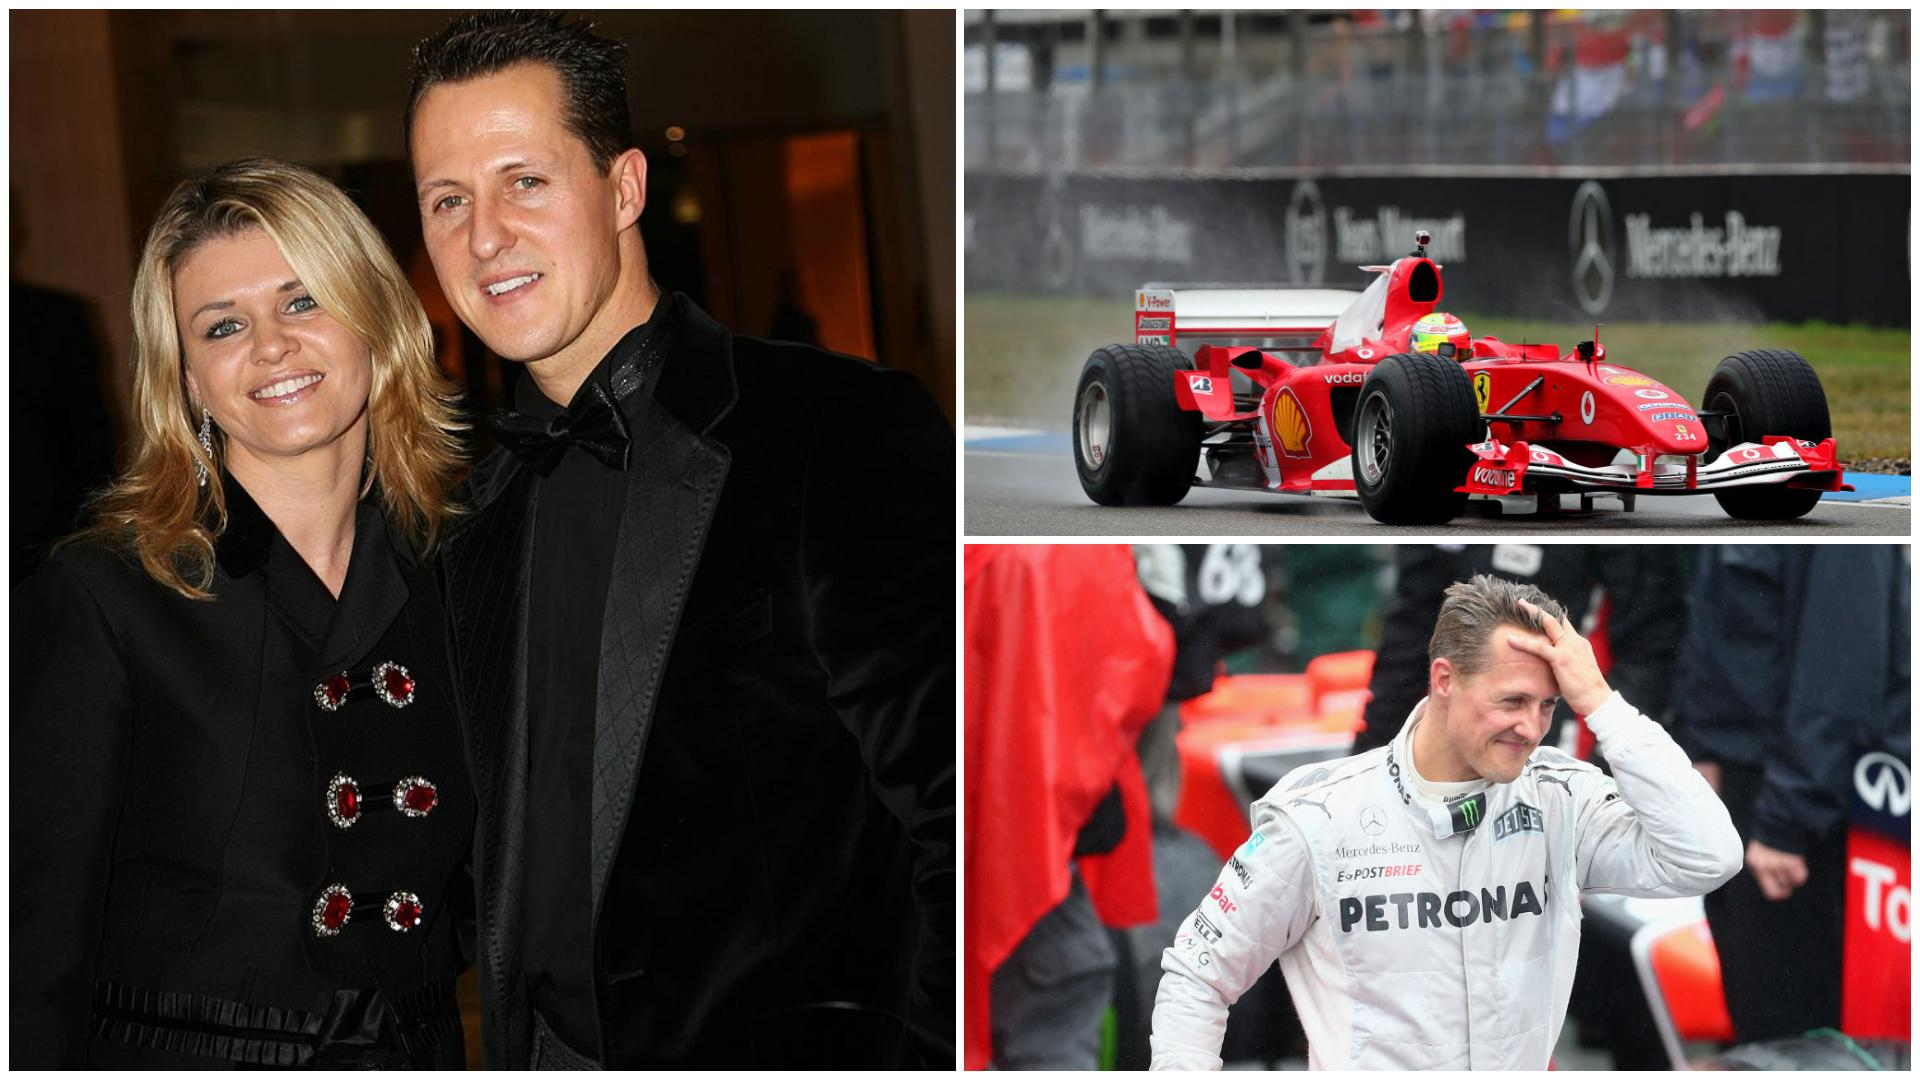 """Noi detalii despre starea lui Michael Schumacher ies la iveală. Dezvăluirile președintelui FIA, Jean Todt: """"Soția l-a salvat"""""""